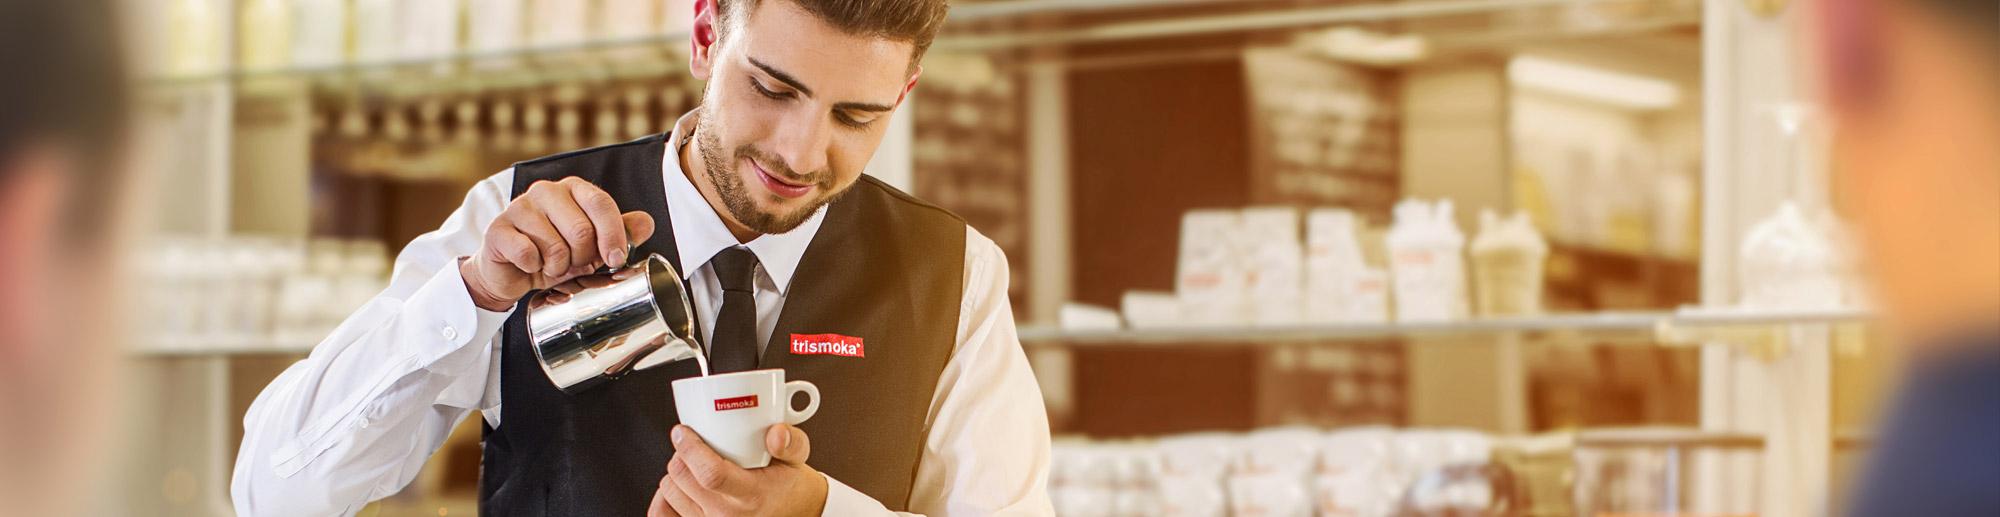 Caffè per Bar, Corsi e Competizioni per Baristi Professionisti